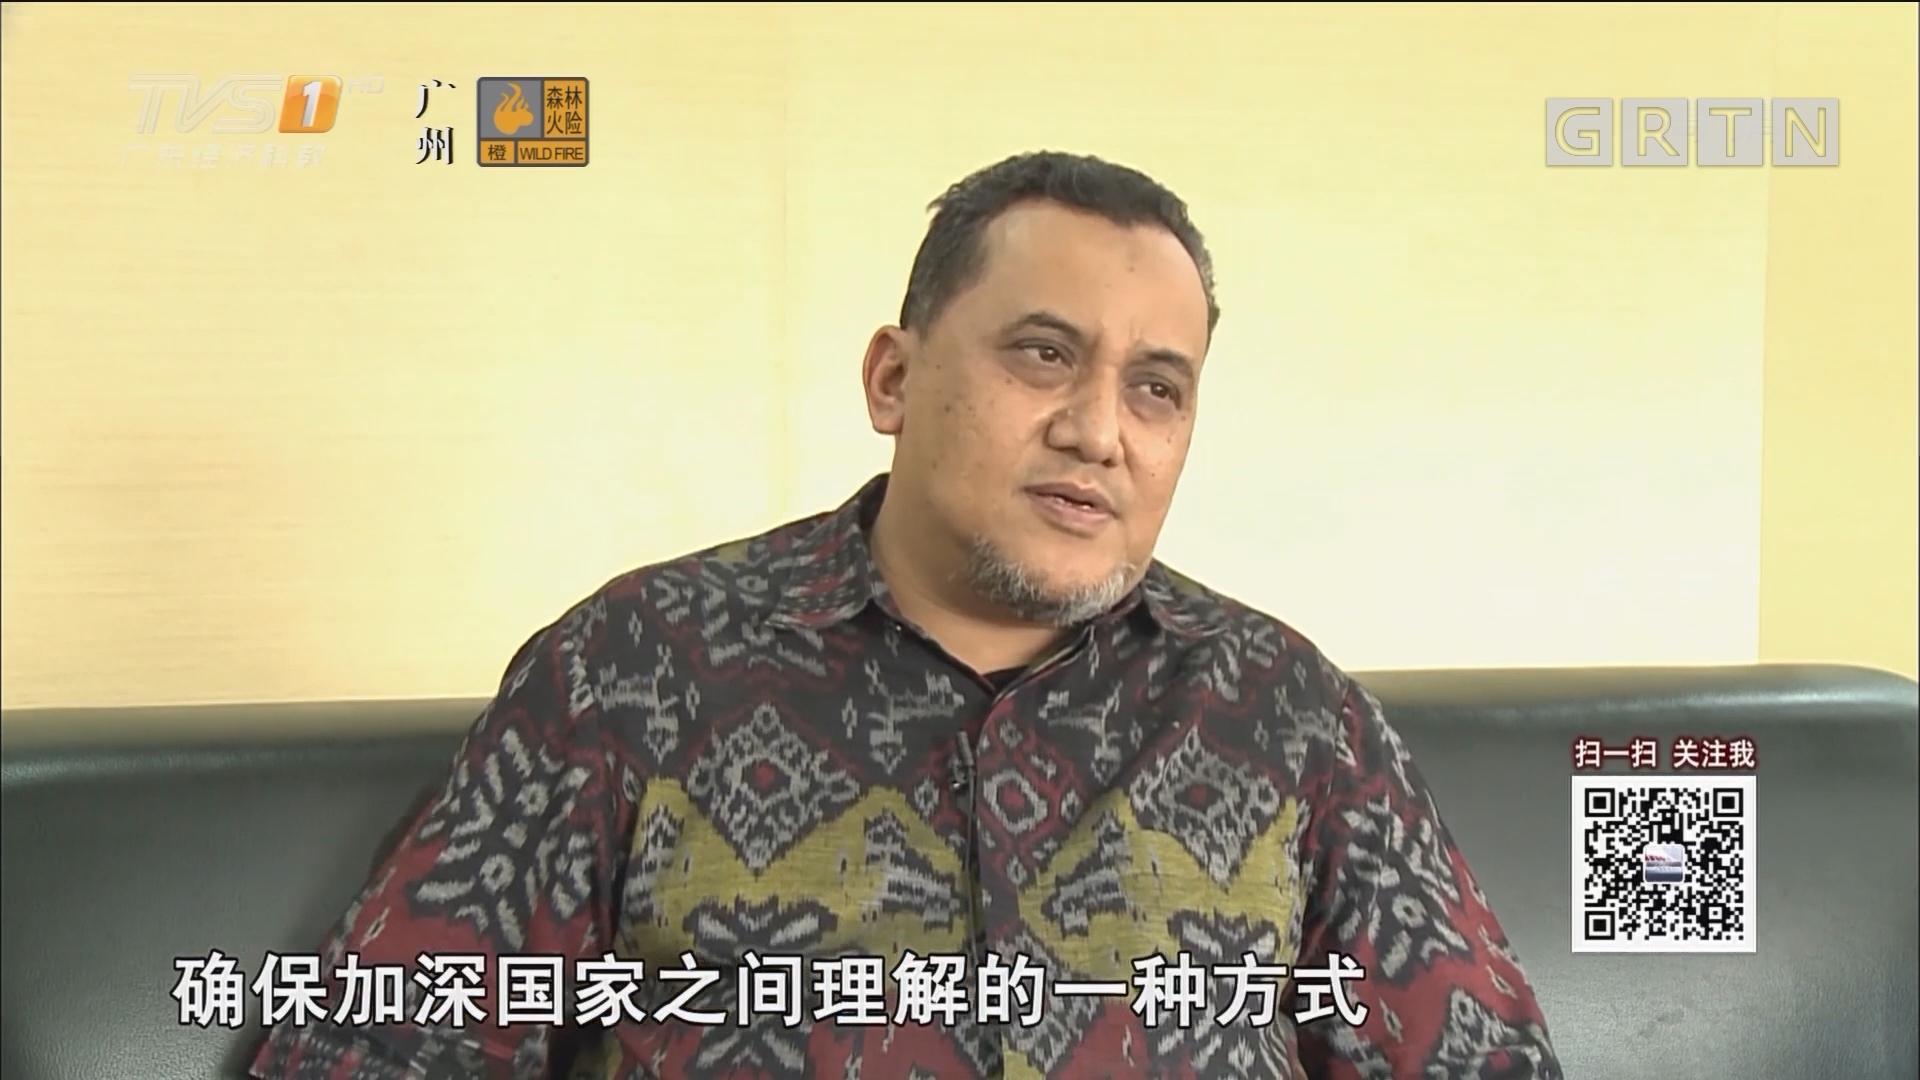 印尼专家:博鳌亚洲论坛有助于增进亚洲国家之间的相互理解